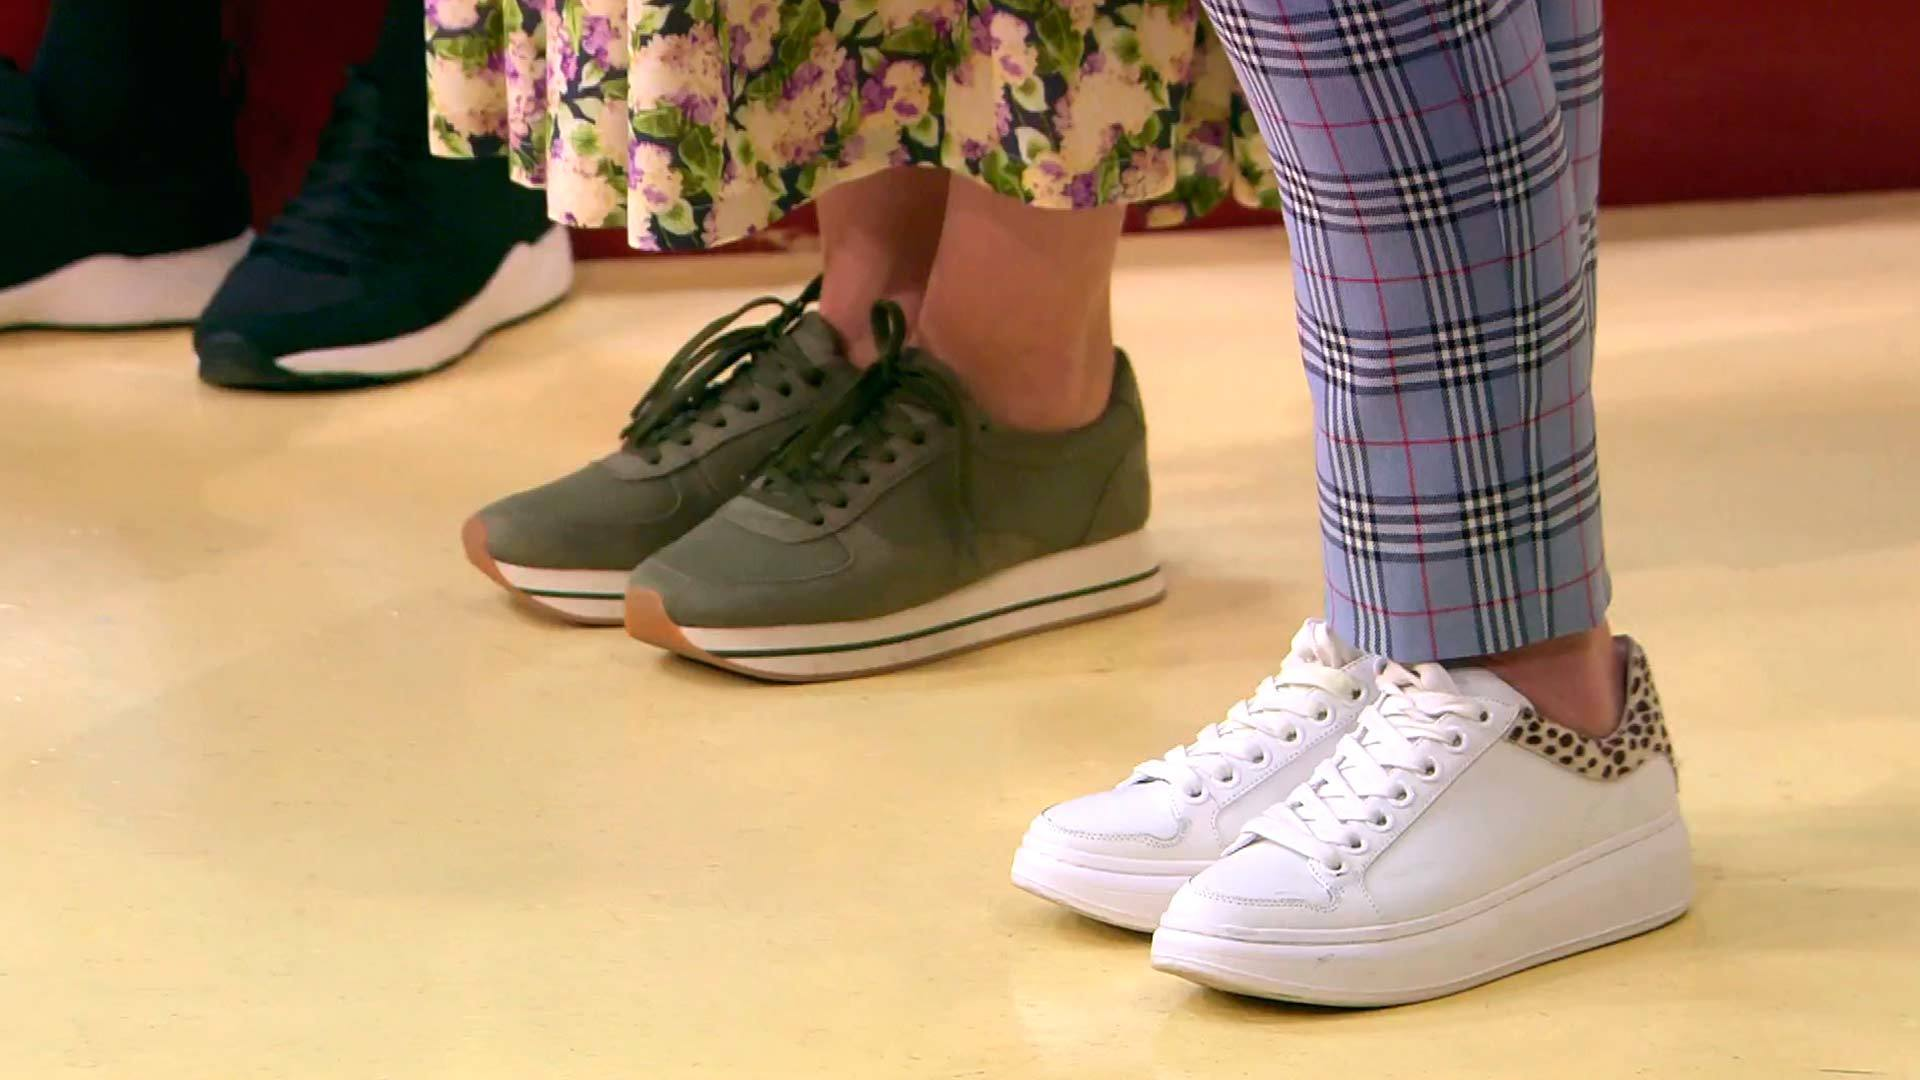 Разный стиль одежды в сочетании с кроссовками